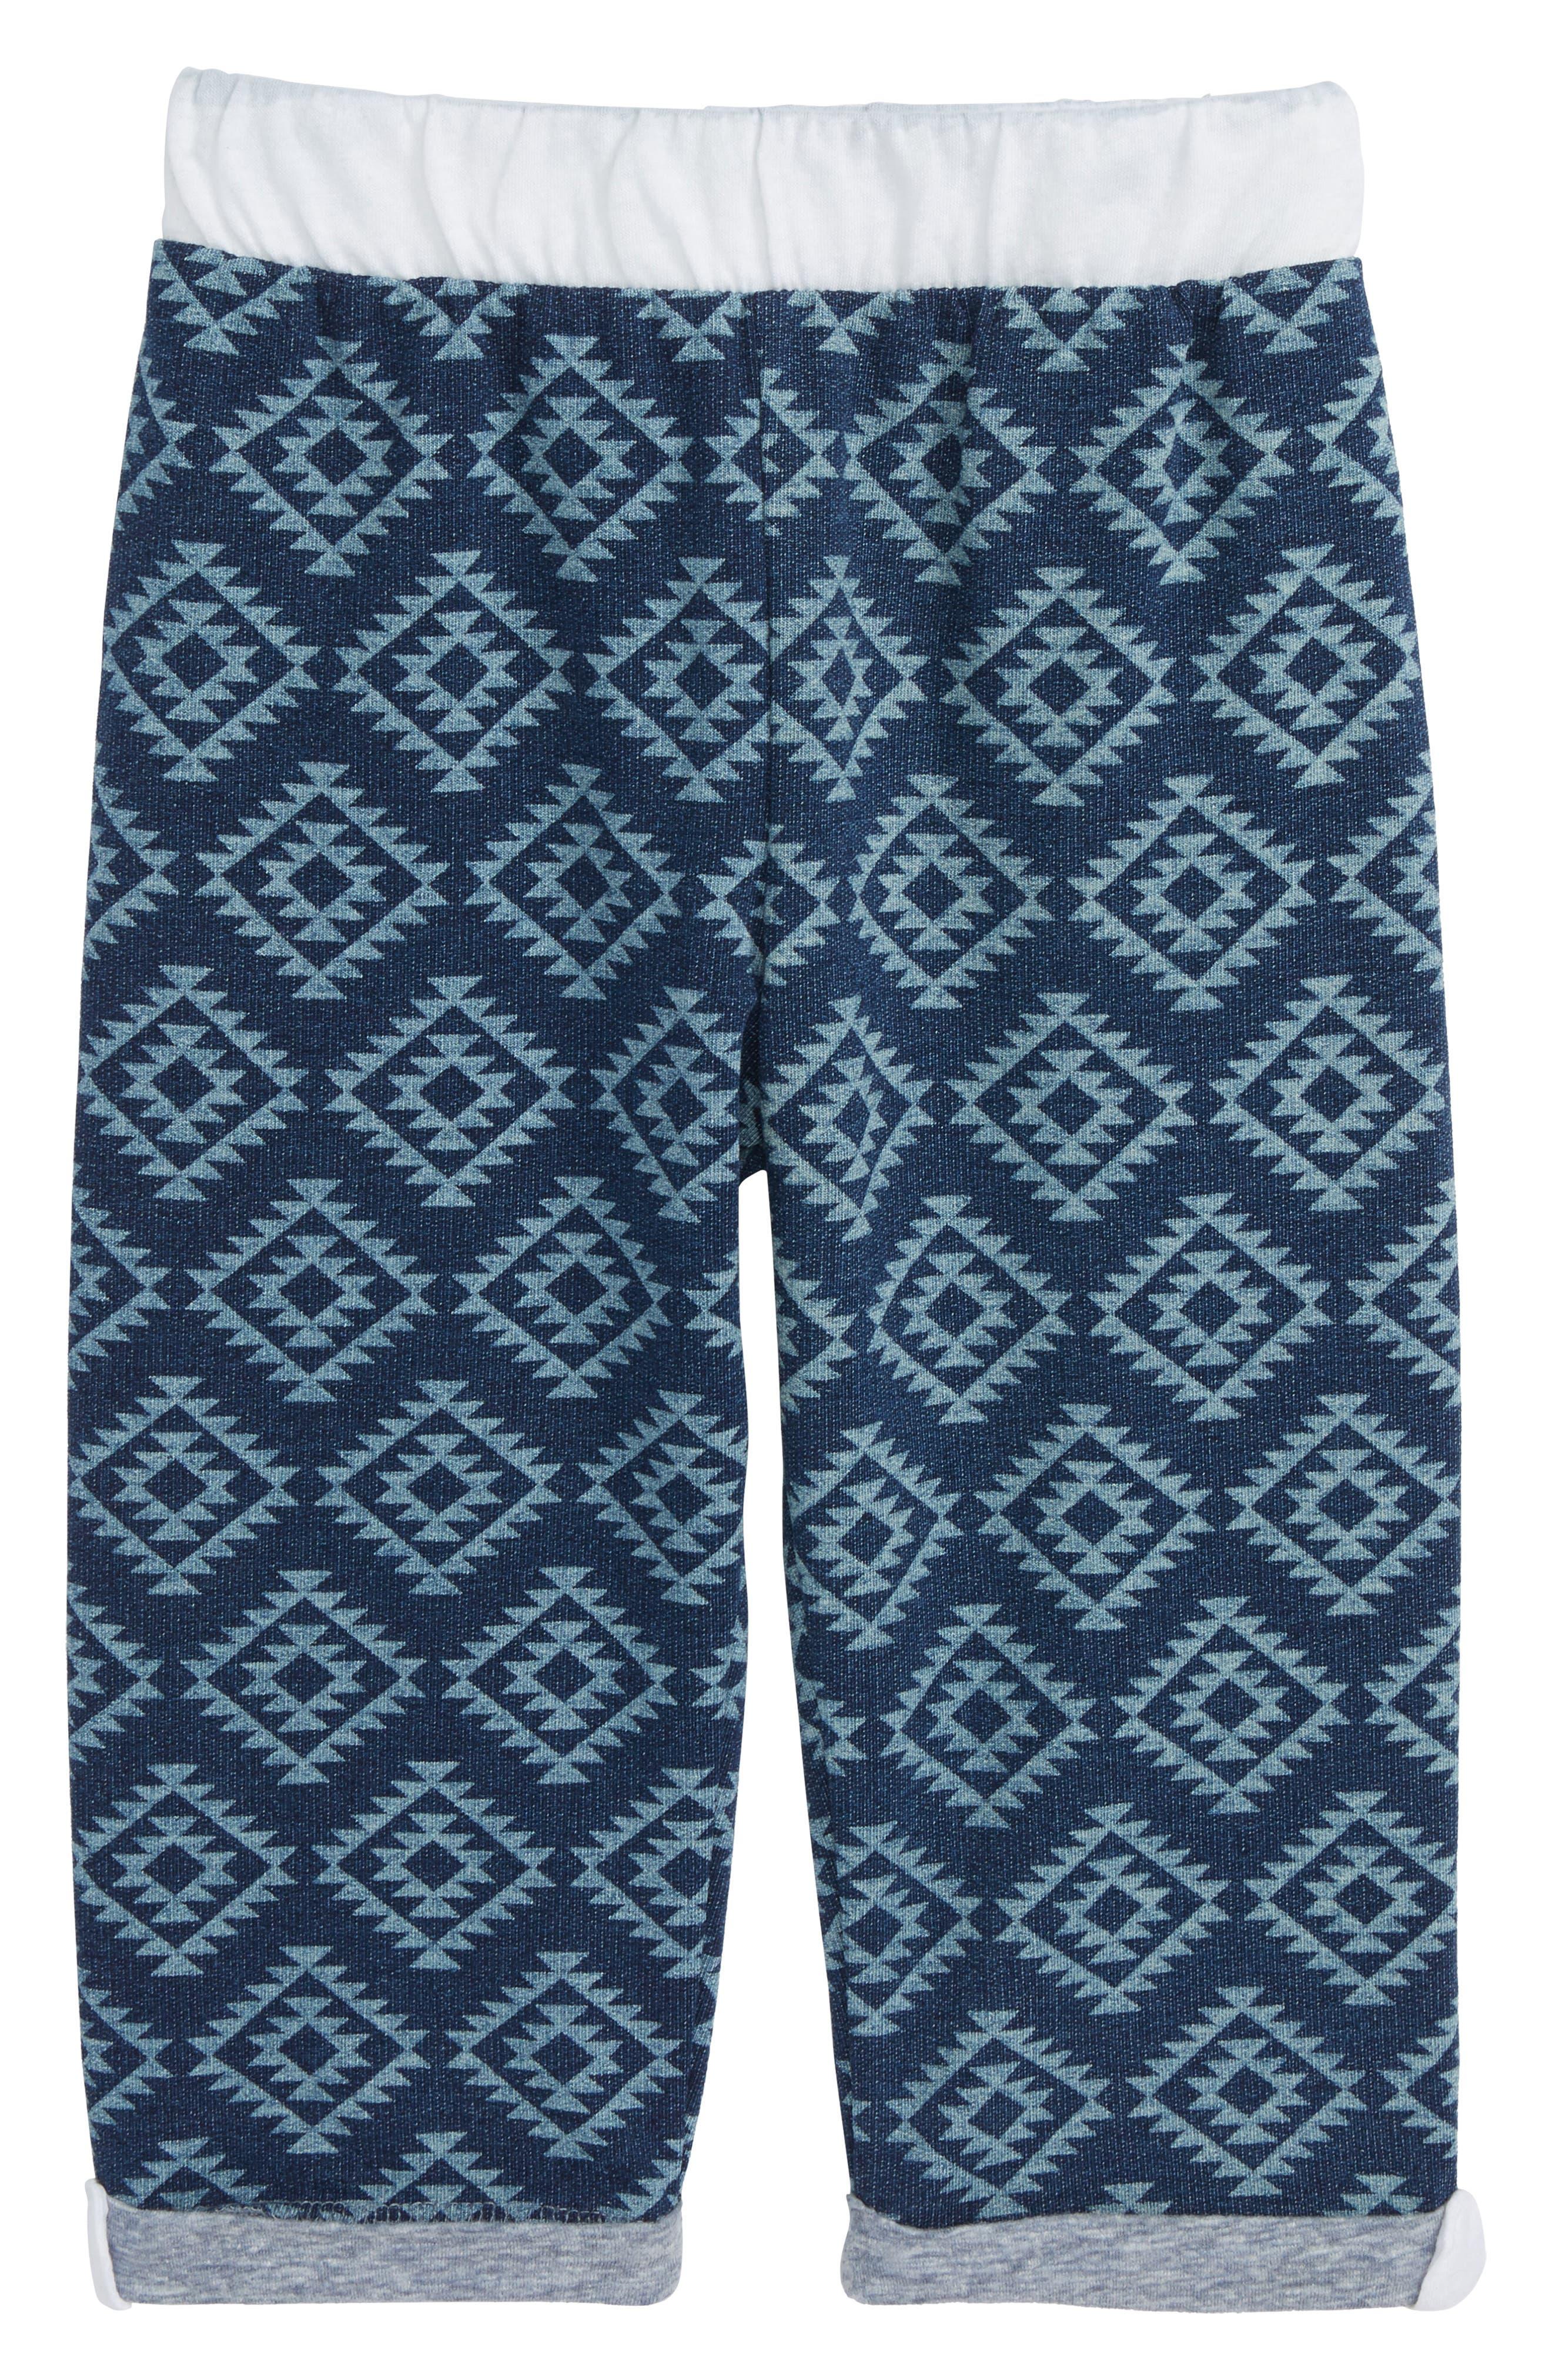 Brody Print Knit Shorts,                             Main thumbnail 1, color,                             Yuma